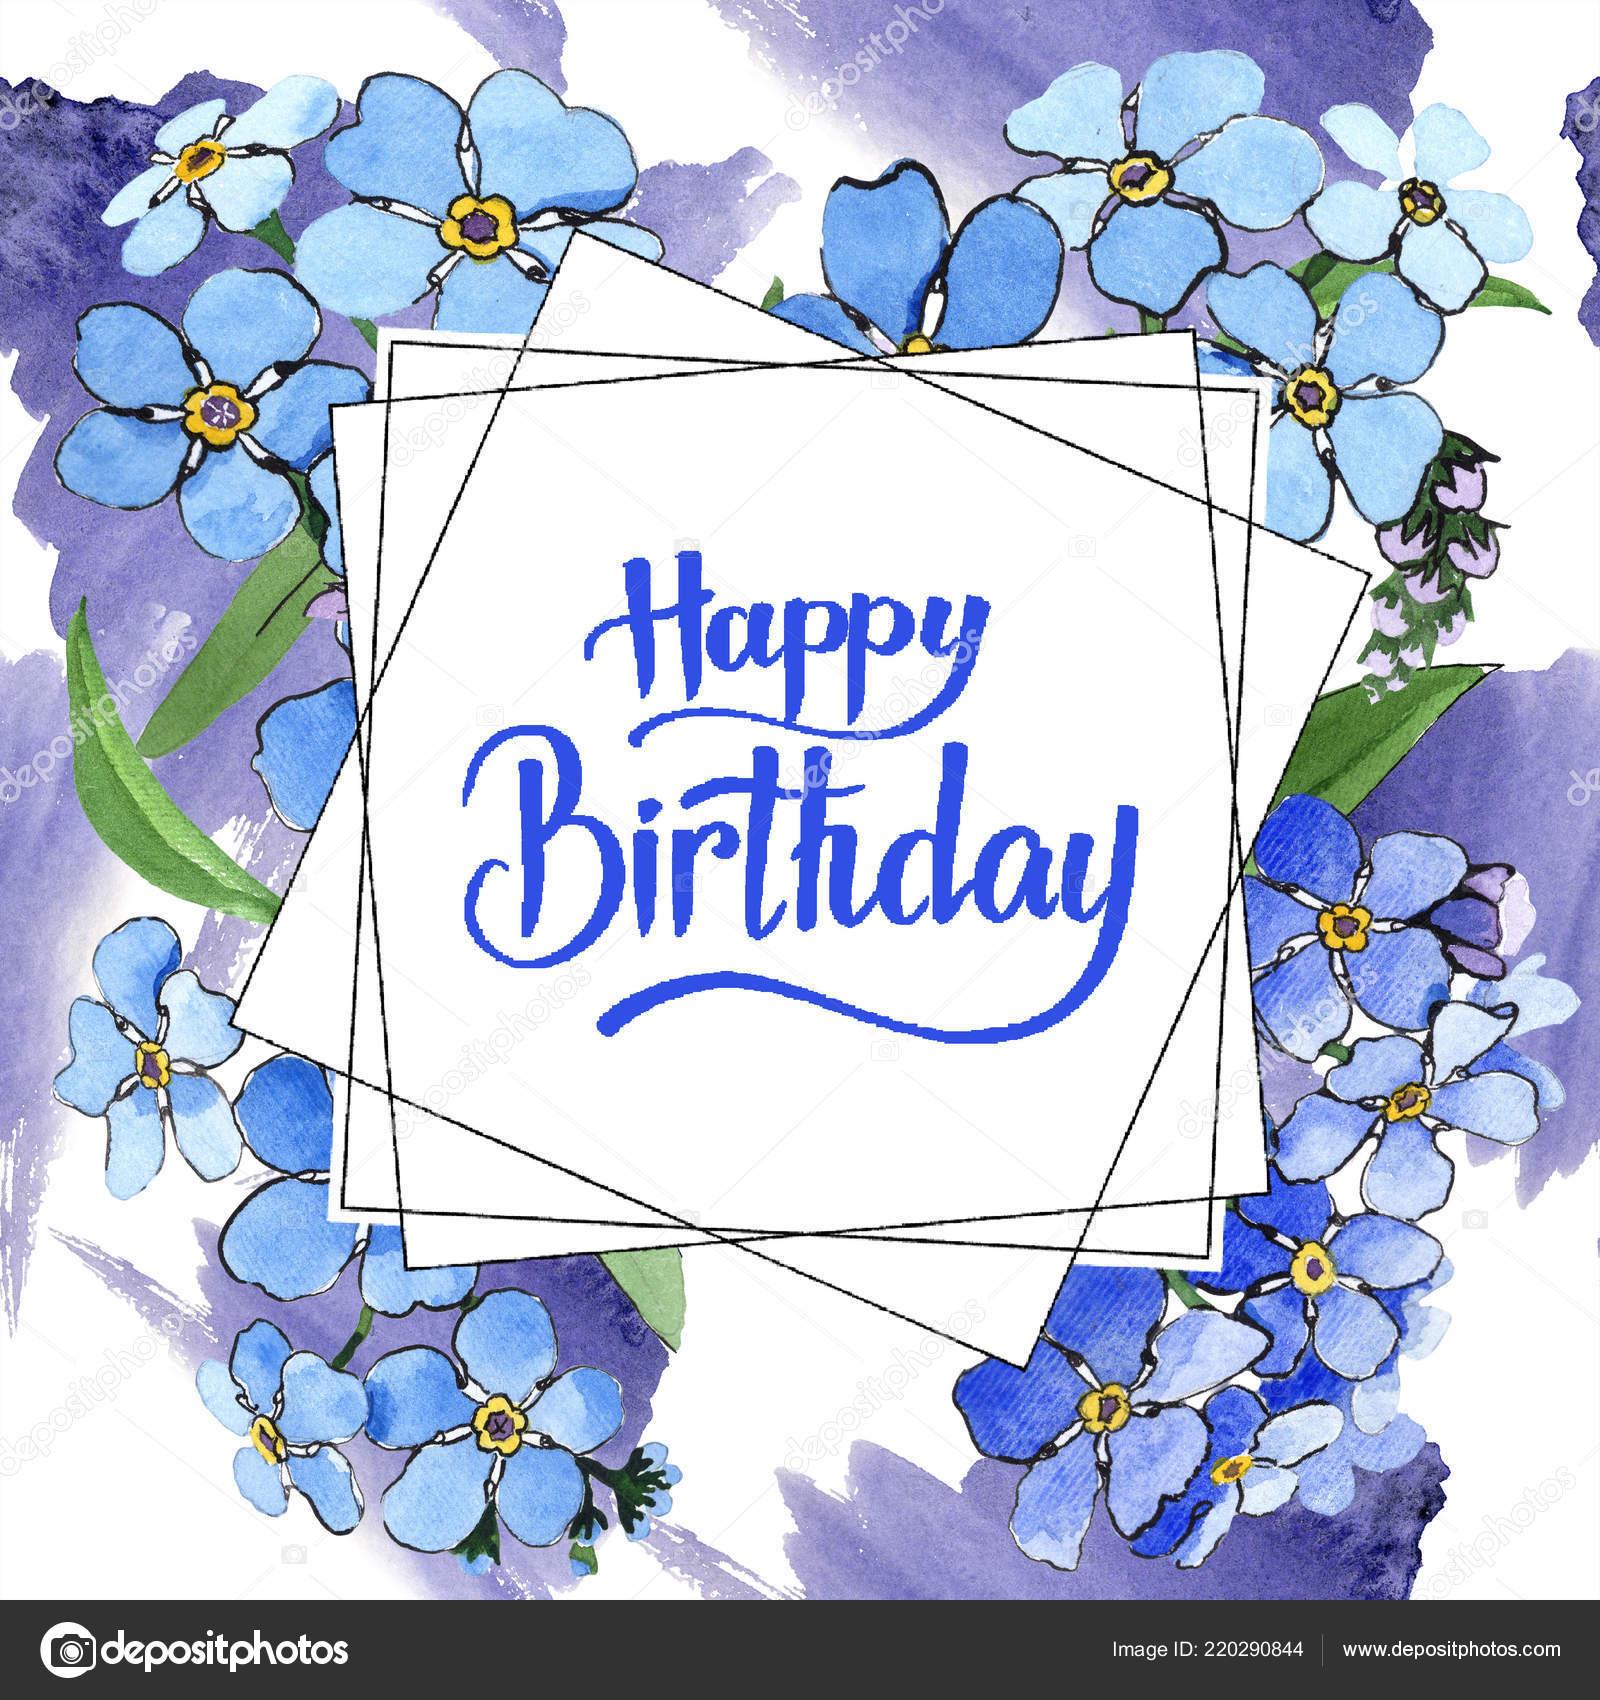 Coloriage Fleur Myosotis.Aquarelle Bleue Myosotis Fleur Botanique Floral Carre Cadre Bordure